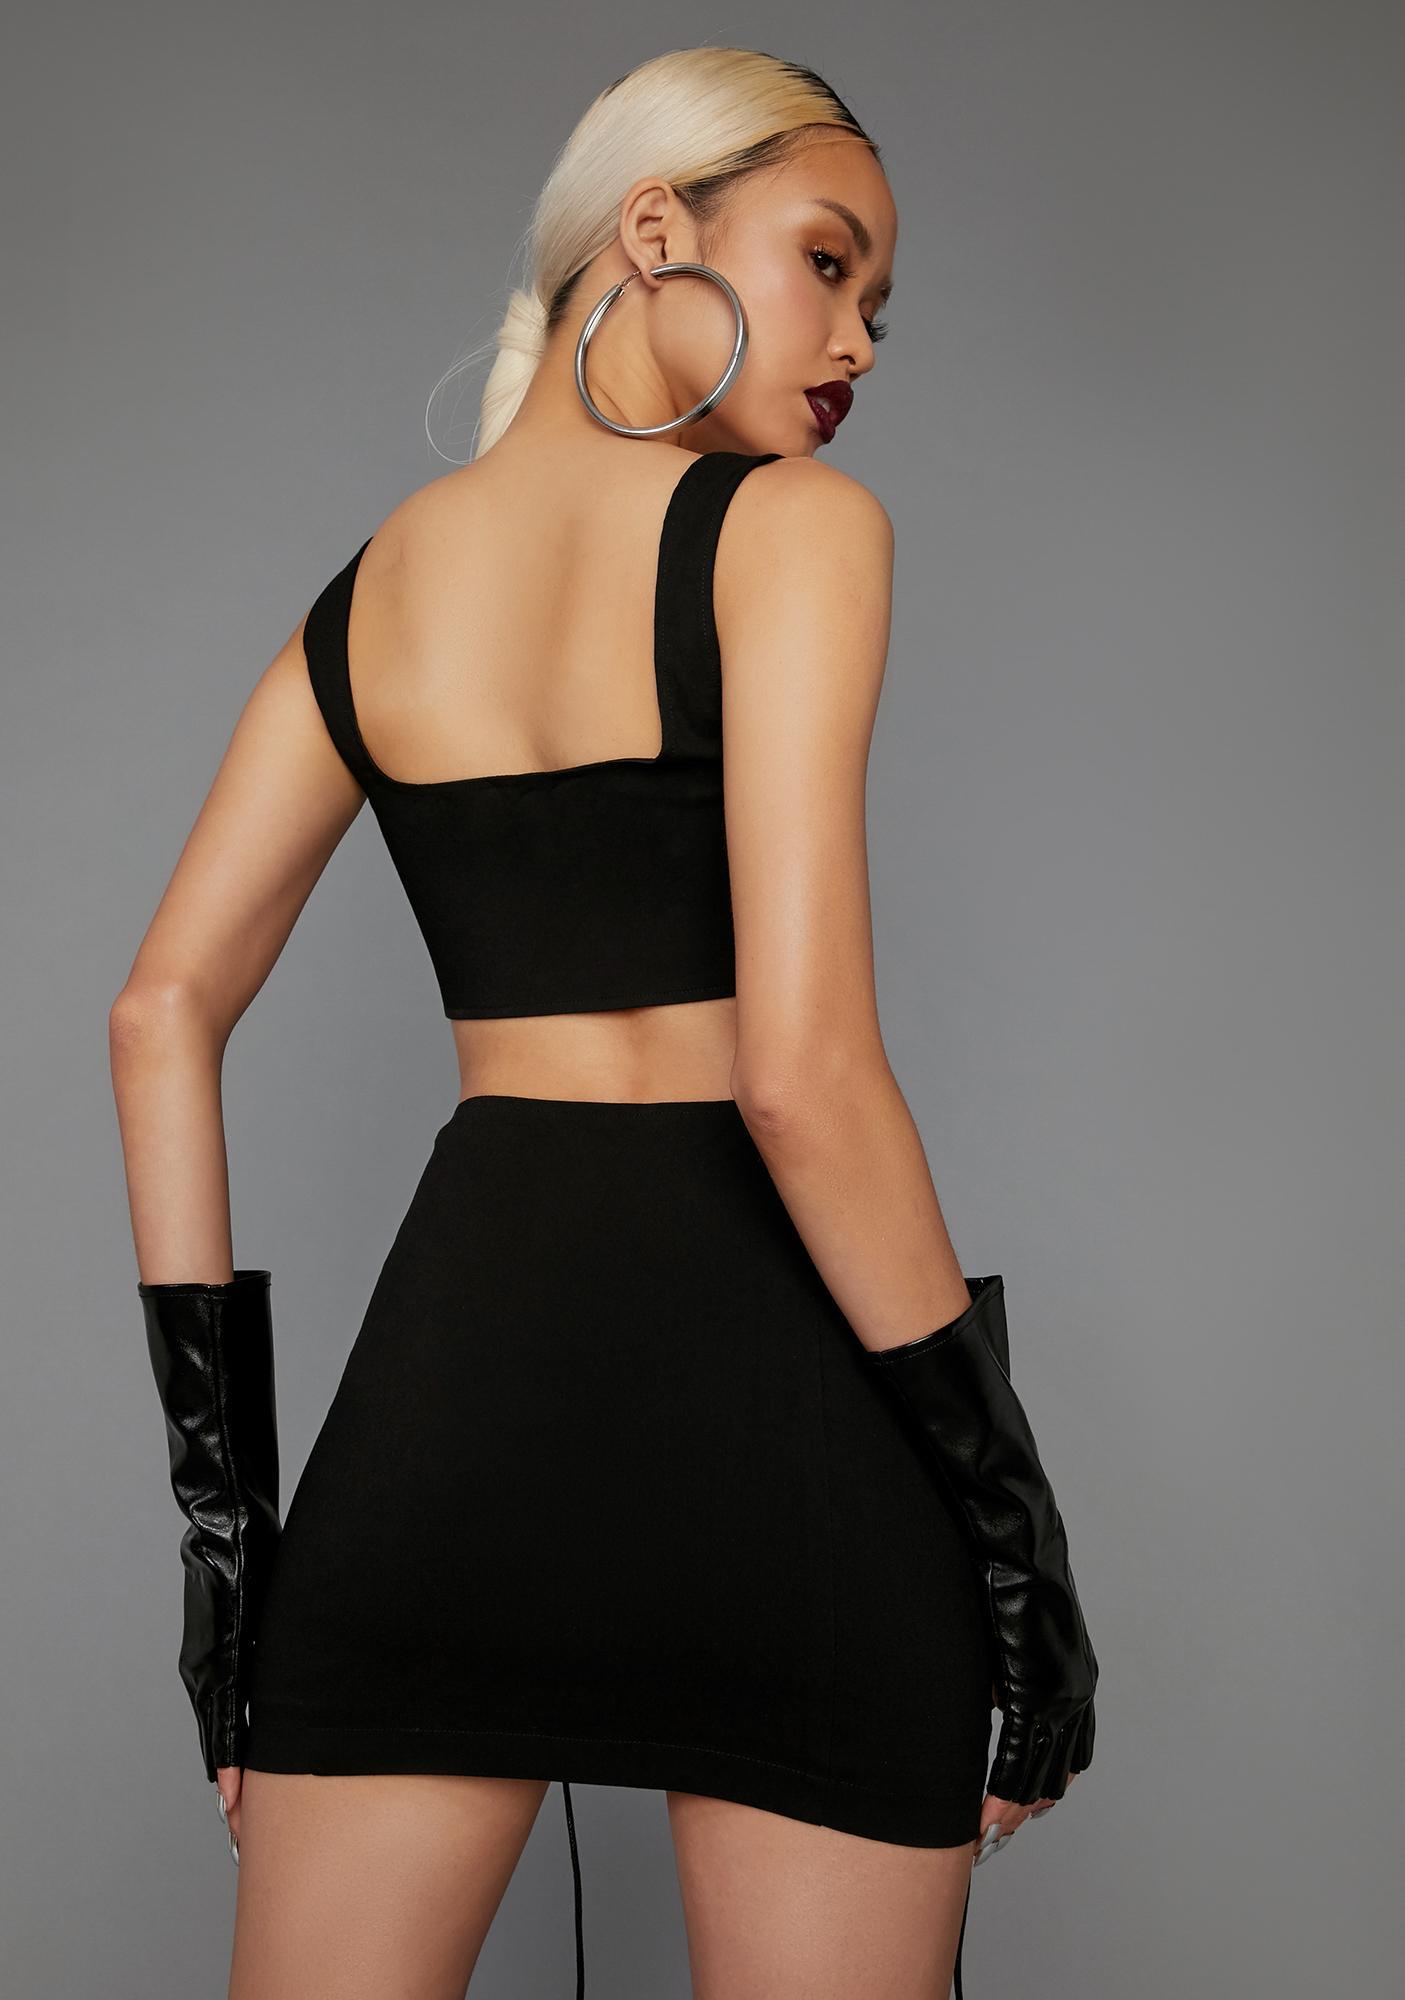 Poster Grl Hold That Pose Skirt Set